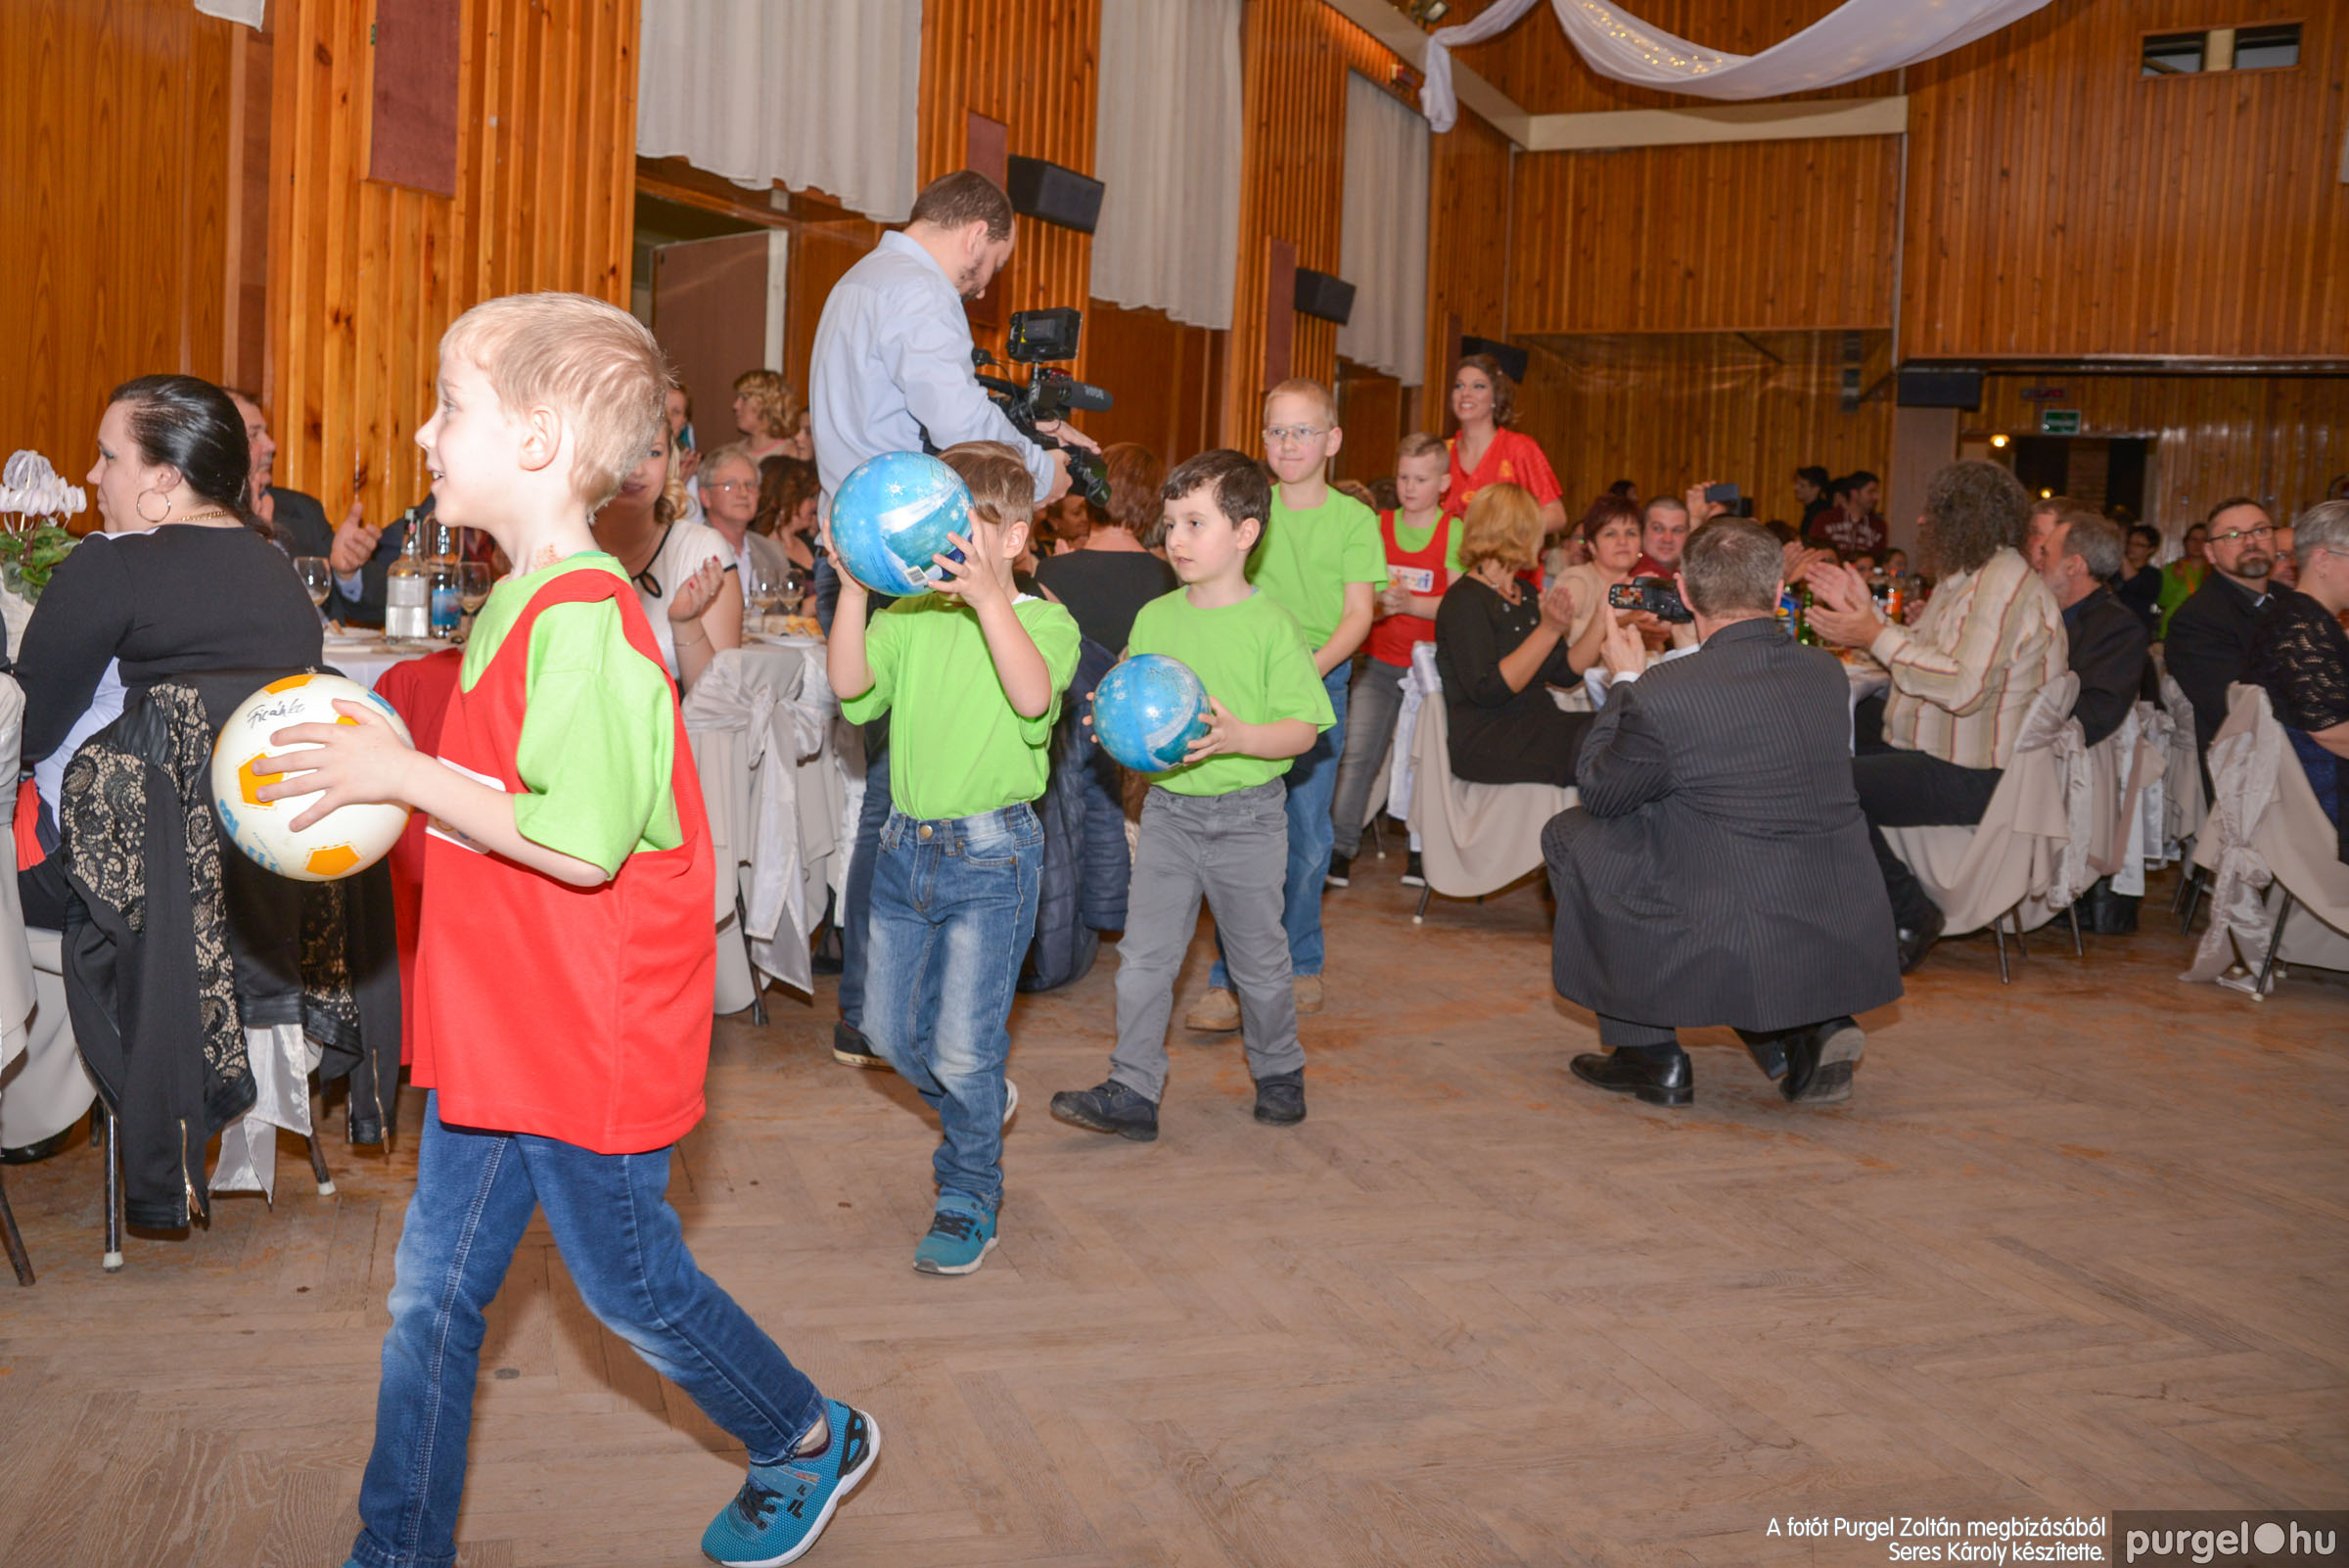 2017.03.11. 044 Kurca-parti Óvoda jótékonysági bál - Fotók:SERES KÁROLY© DSC_8455.jpg